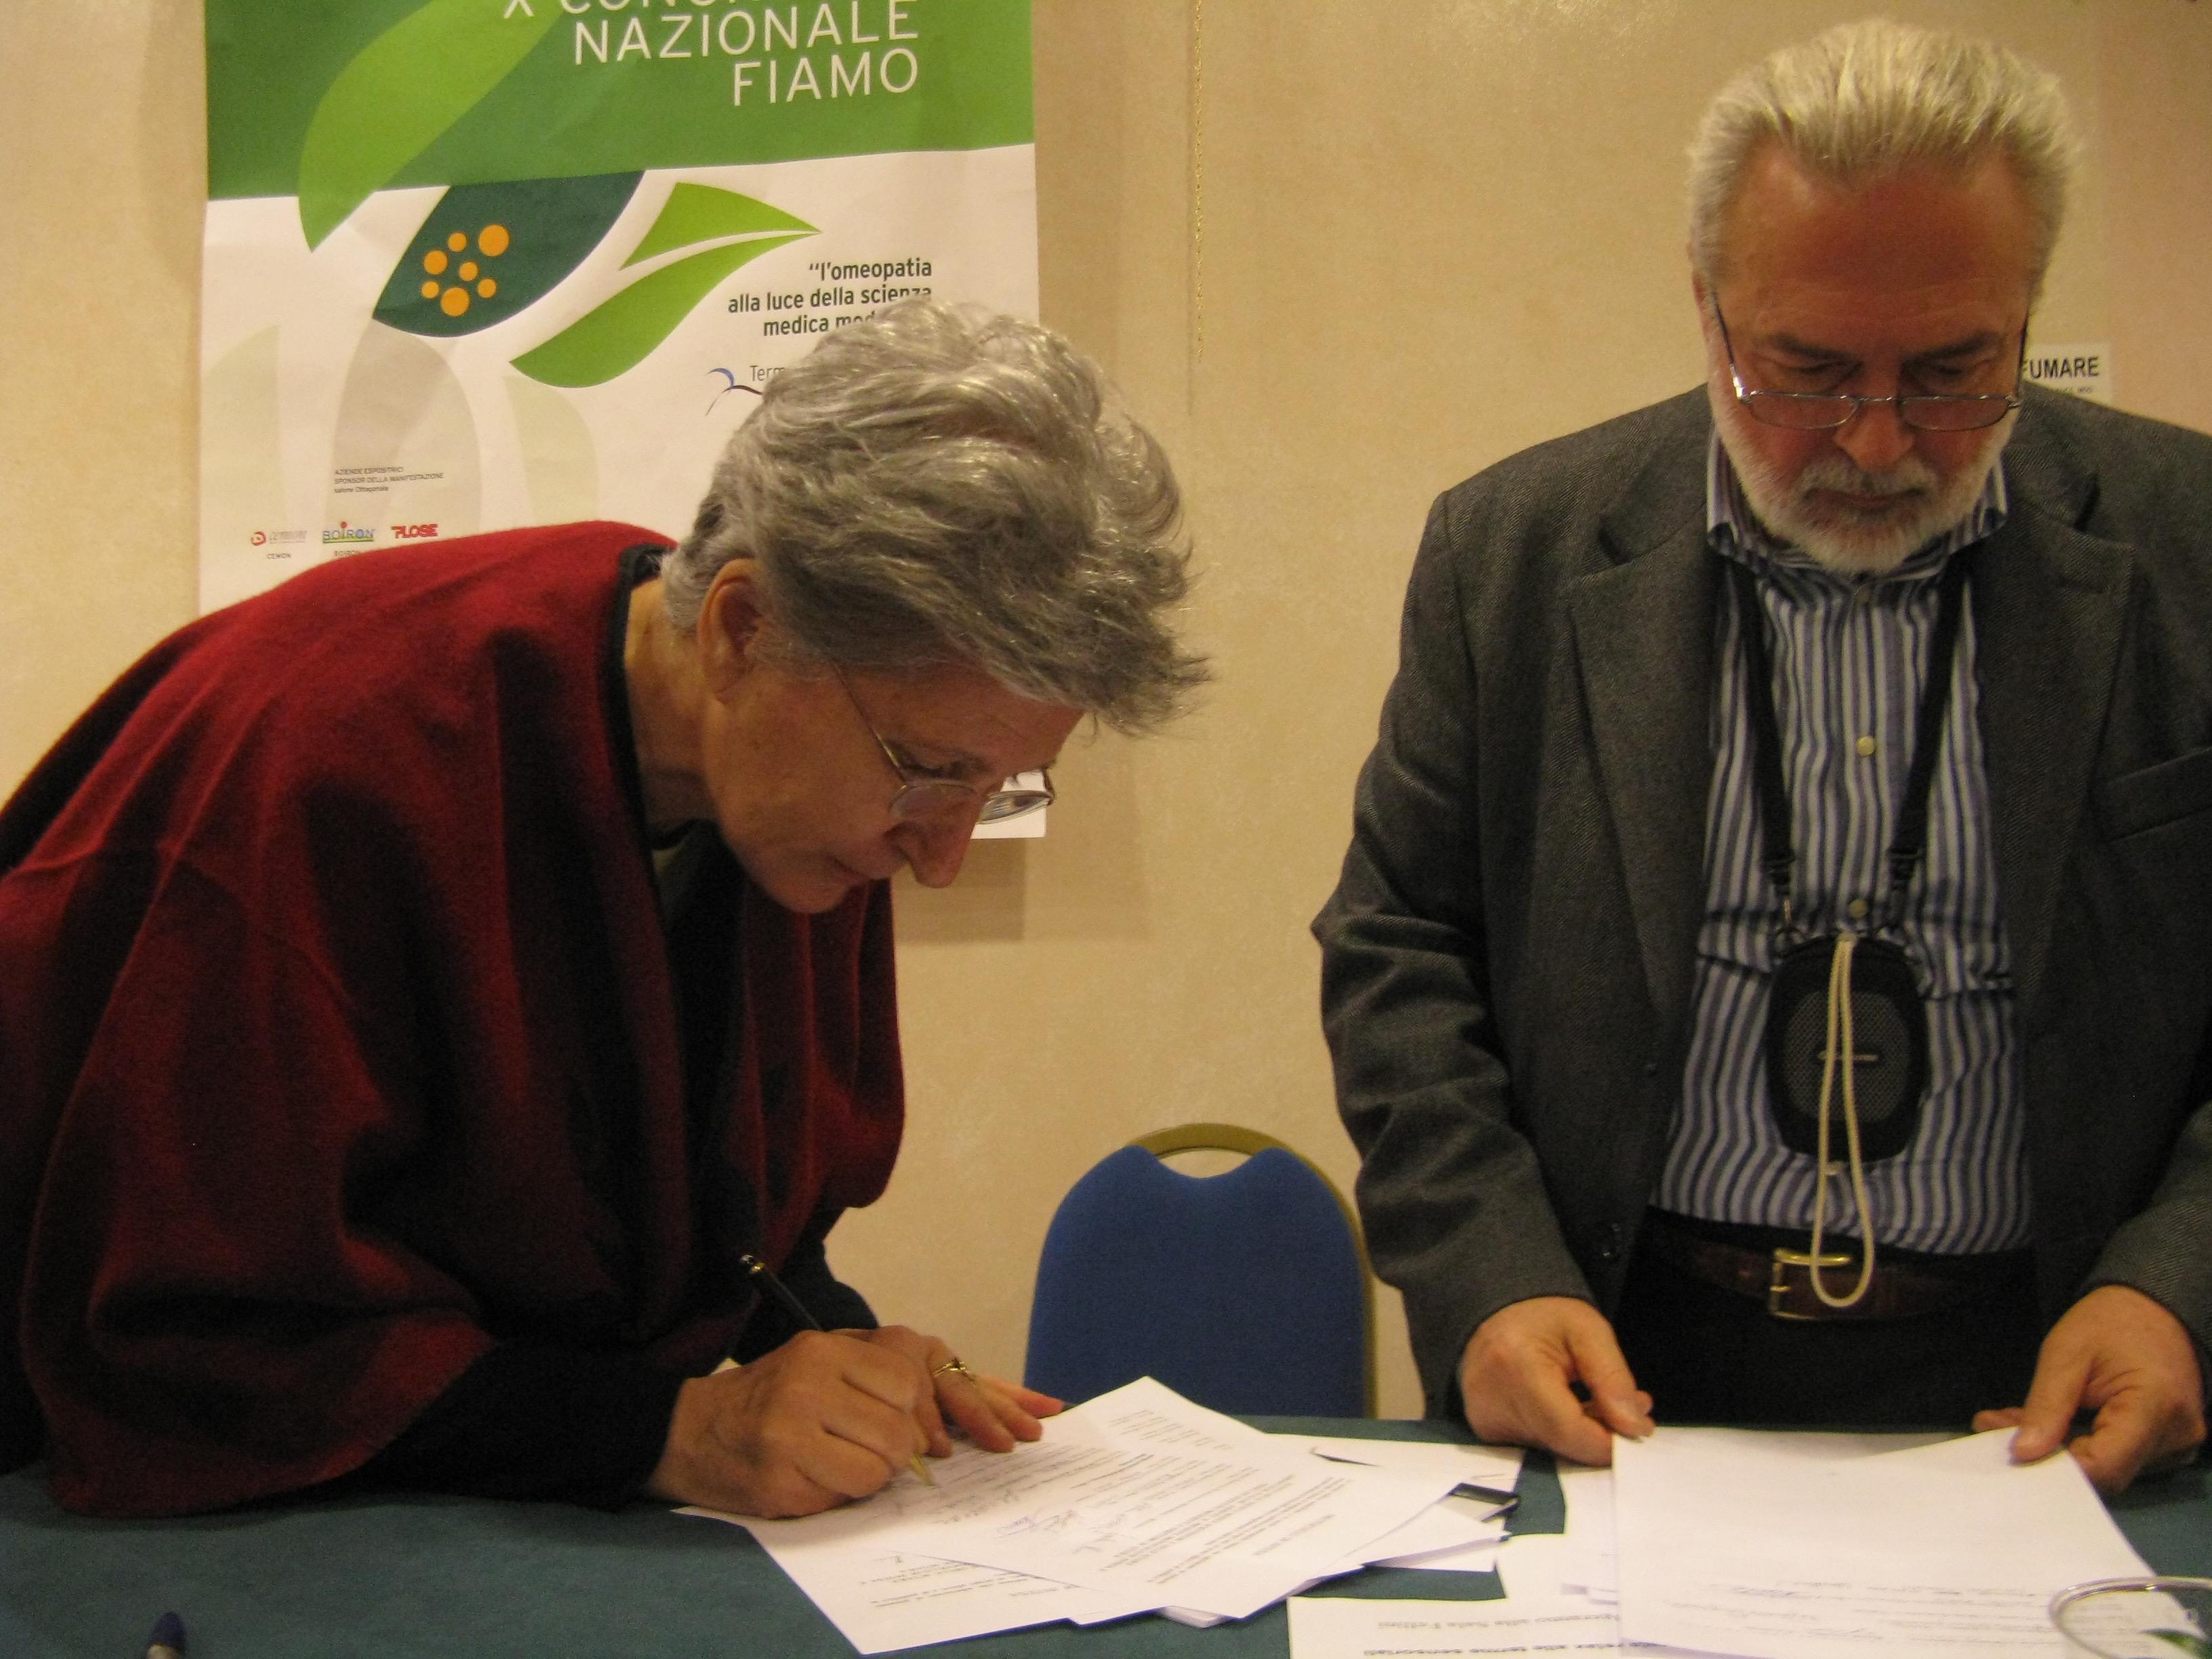 2012-antonella-ronchi-e-pindaro-mattoli-fiamo-chianciano-2012